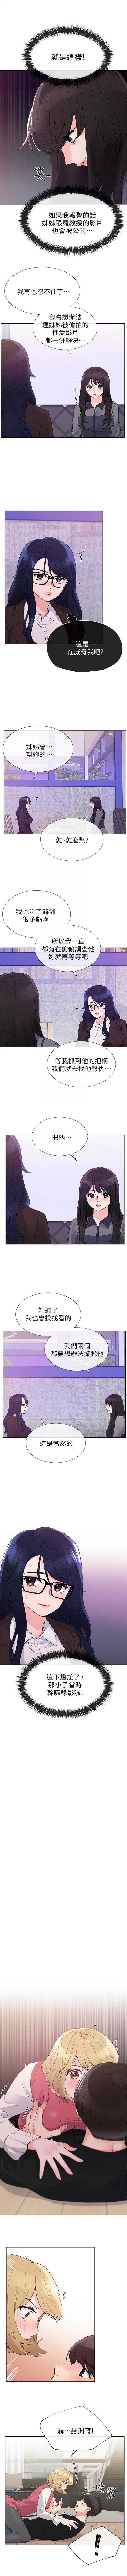 (週5)重考生 1-52 中文翻譯(更新中) 207